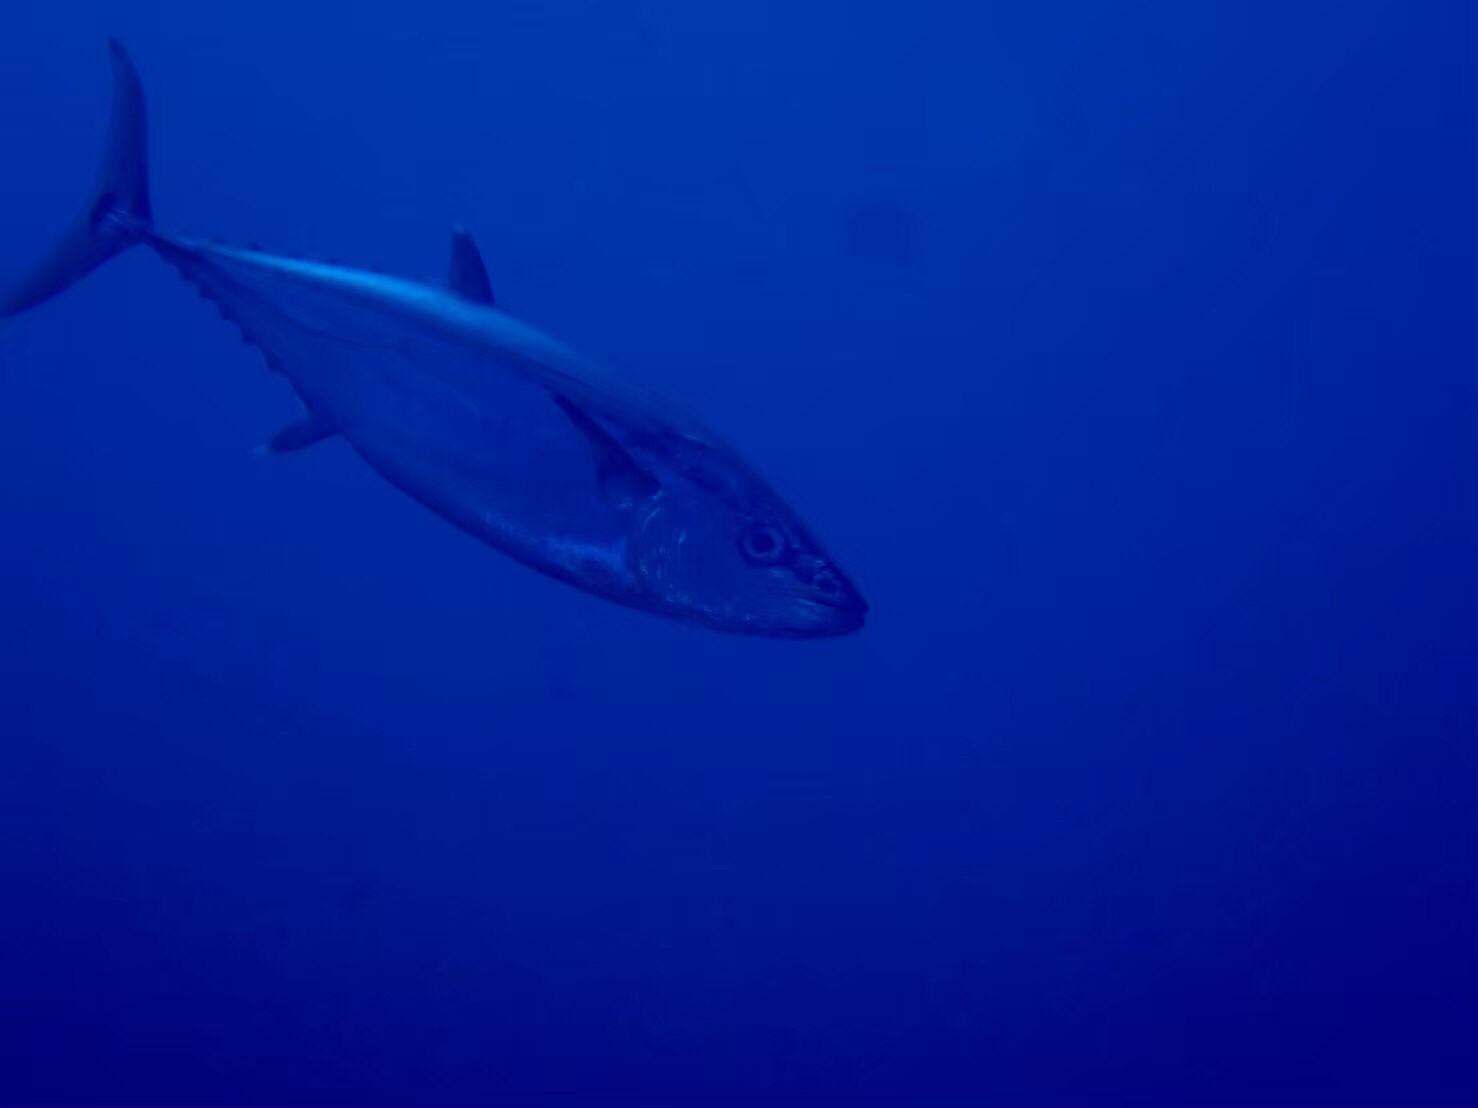 沖繩潛水,沖繩,青之洞,石垣島,日本潛水